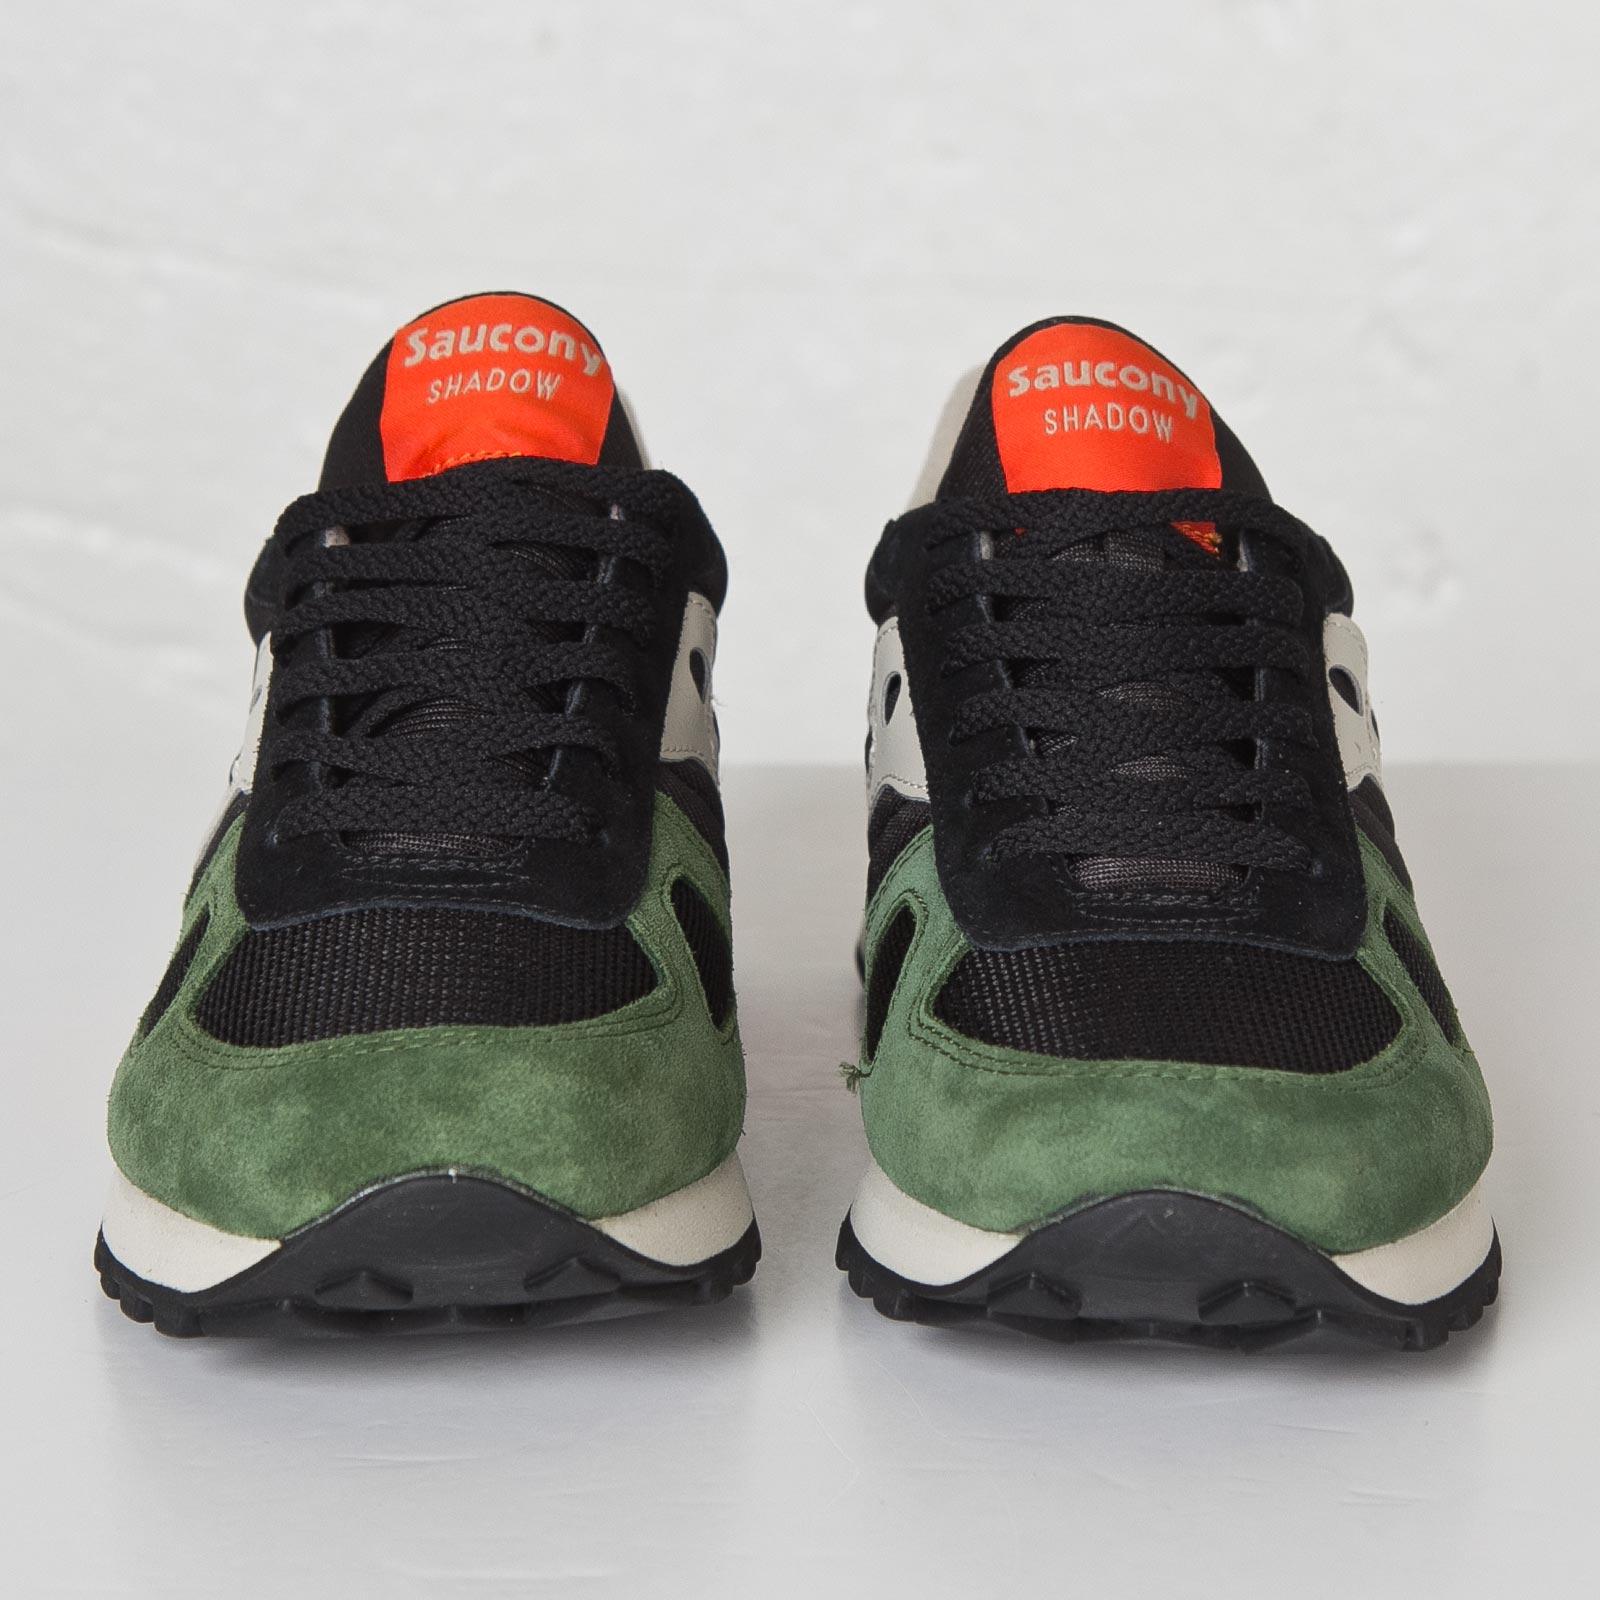 big sale 47466 950d2 Saucony Shadow Original - S2108-562 - Sneakersnstuff ...